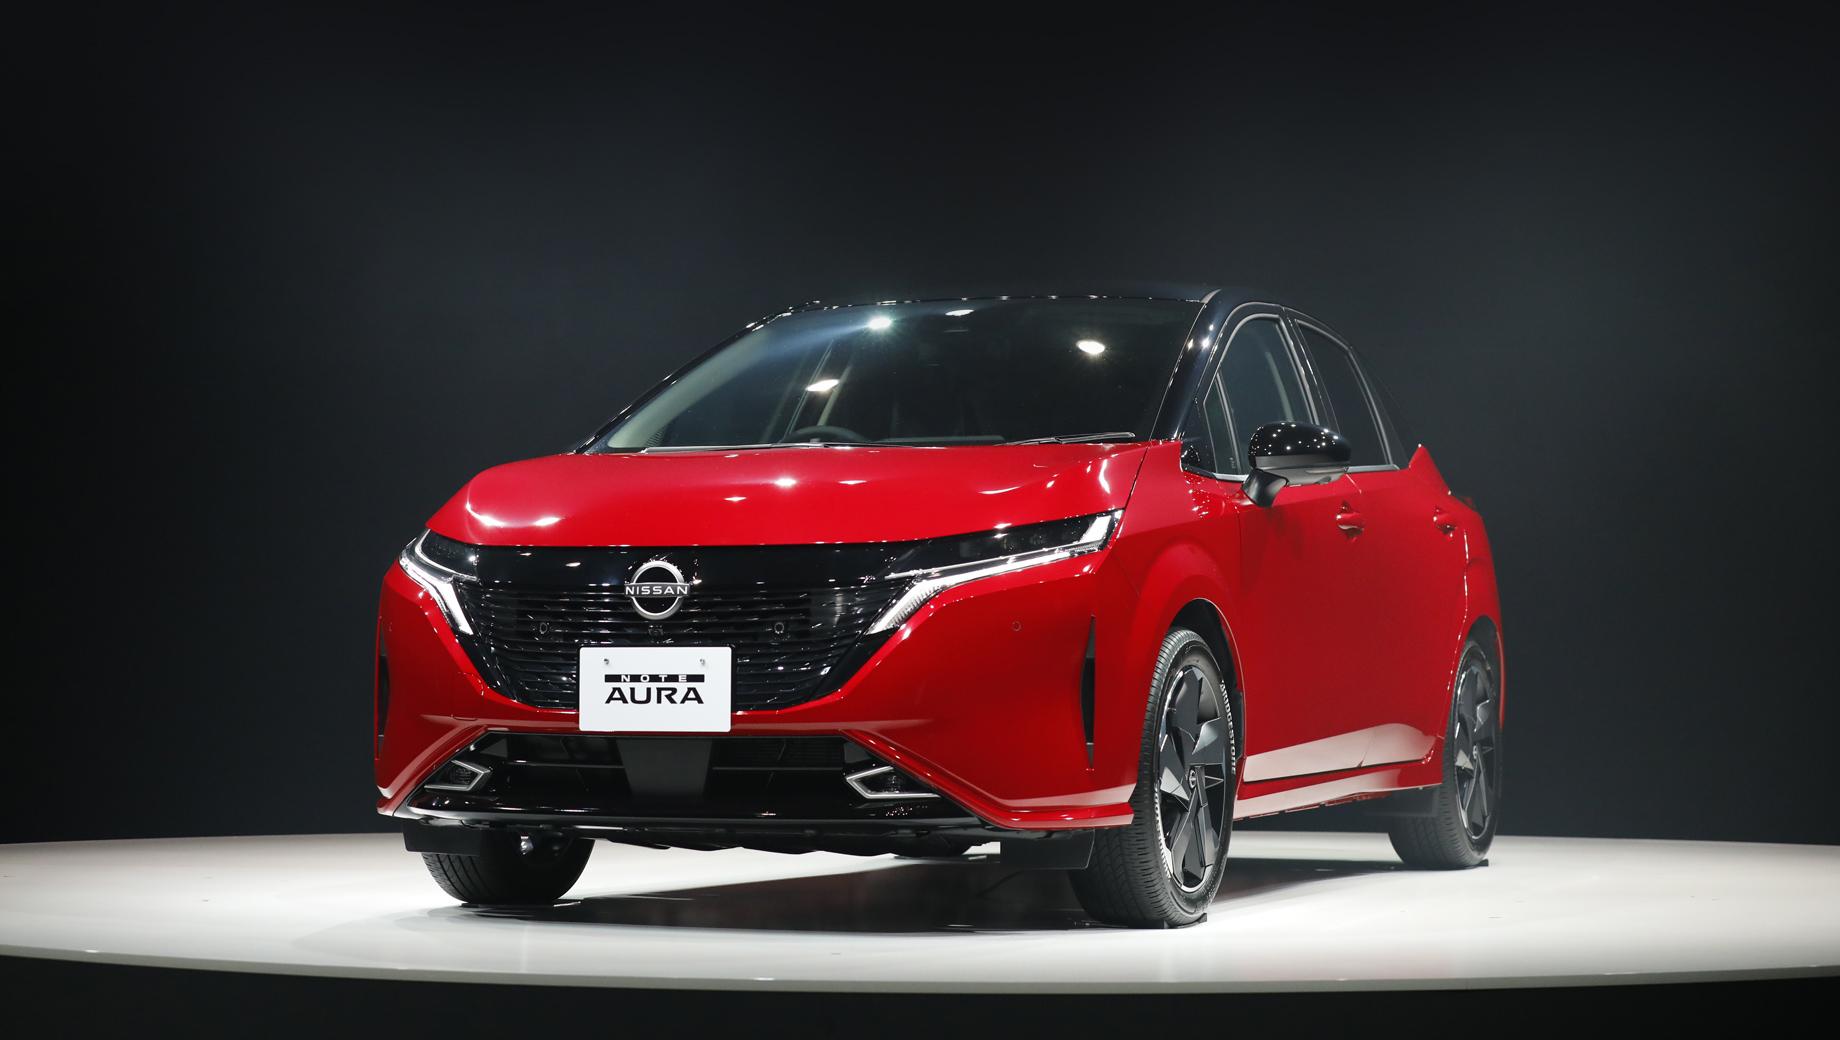 Хэтч Nissan Note Aura сделан мощнее простого Ноута